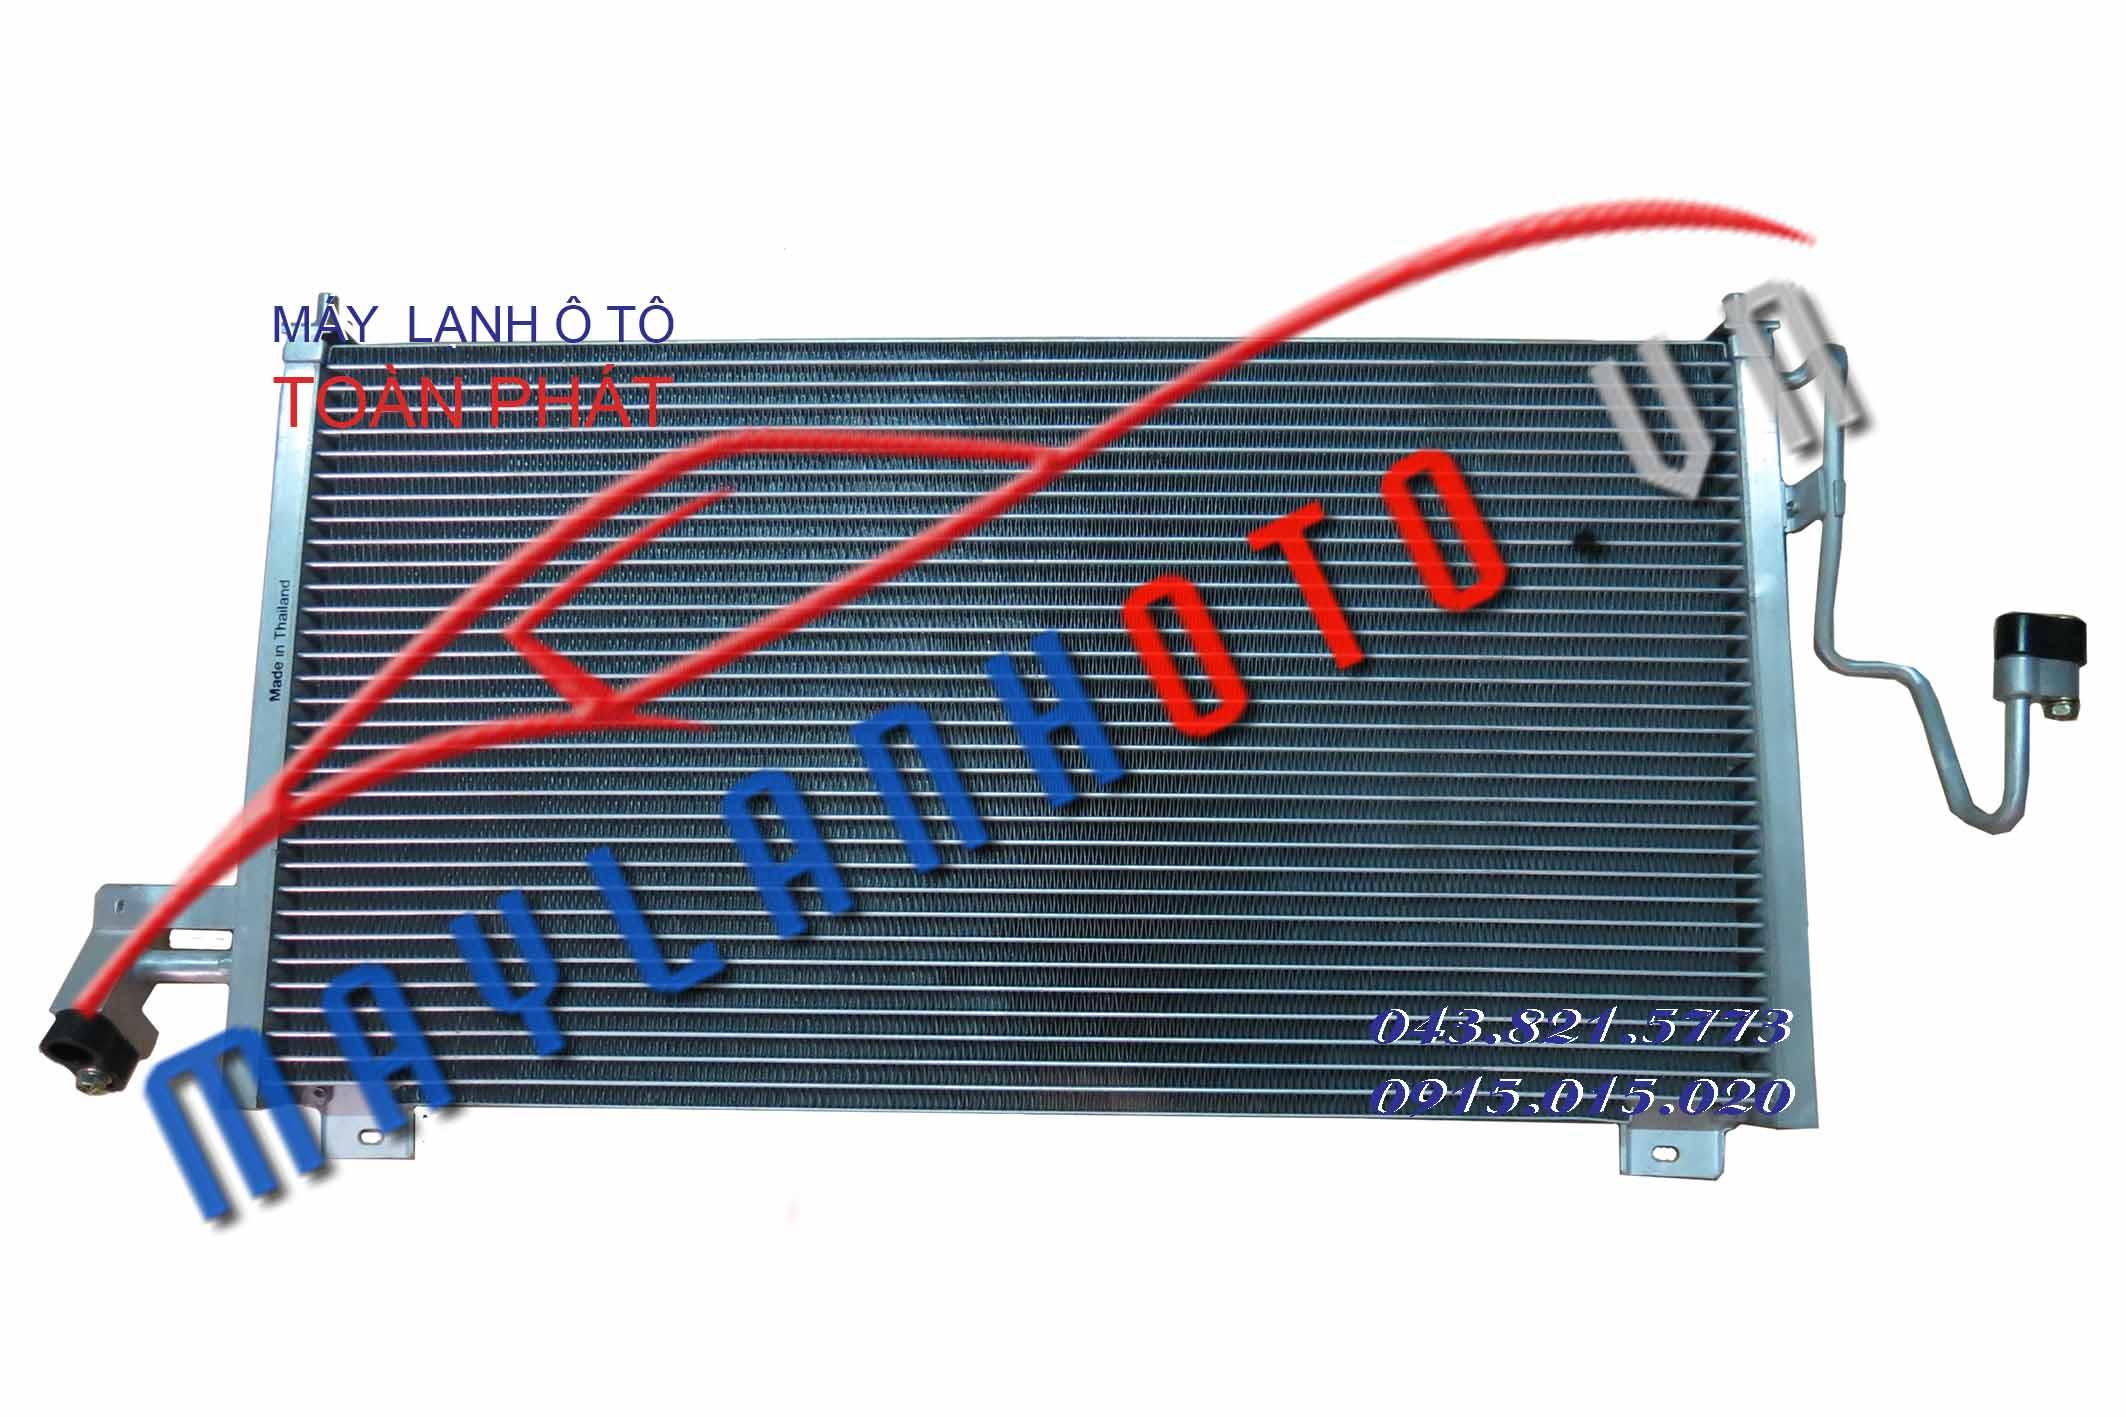 Laser 1.6 / Giàn nóng điều hòa Ford Laser 1.6 / Dàn nóng điều hòa Ford Laser 1.6